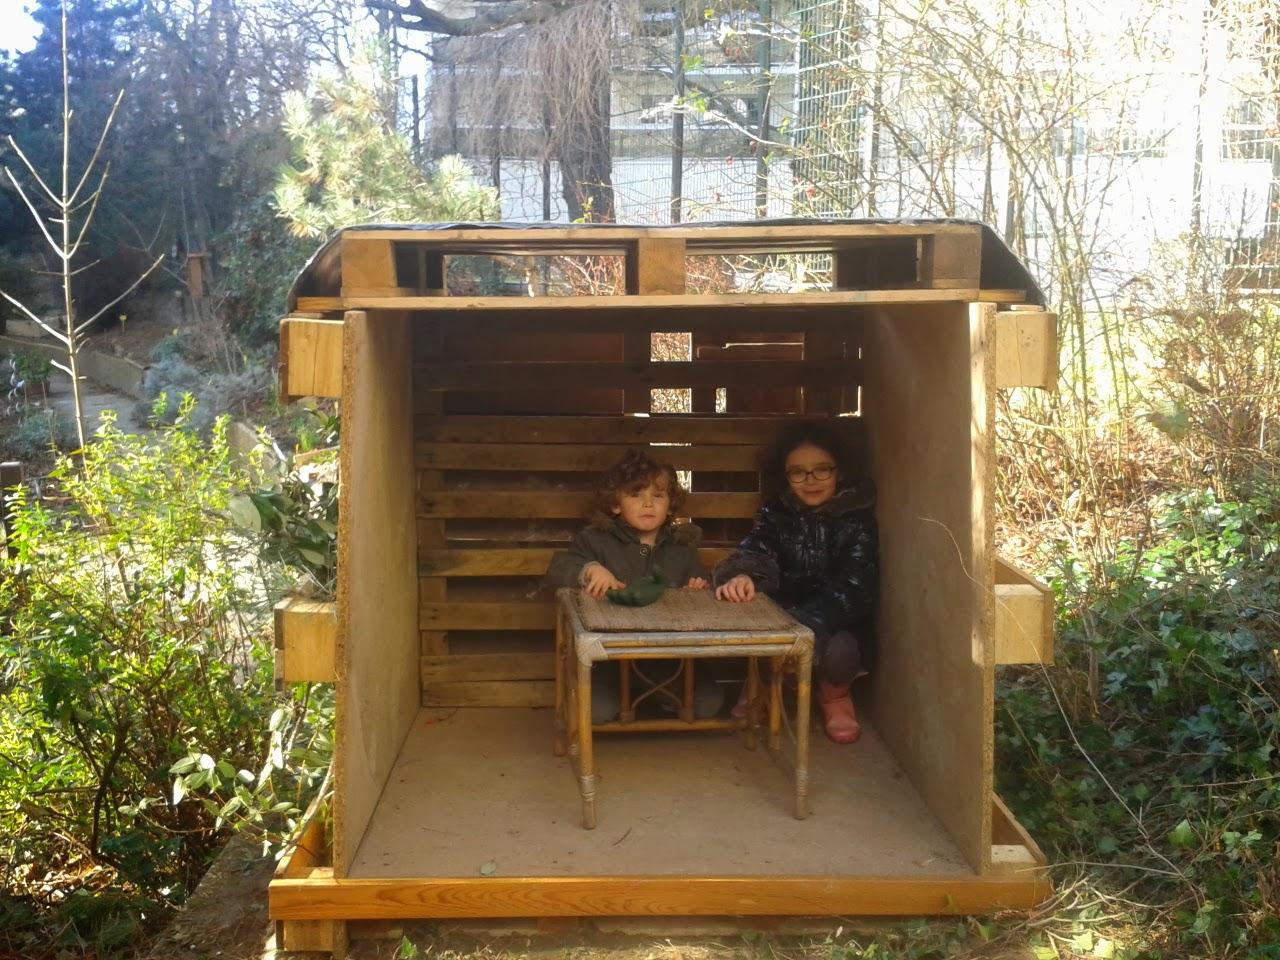 Cabane Jardin En Palette jardin santerre 107 rue de reuilly paris 12ème: la cabane